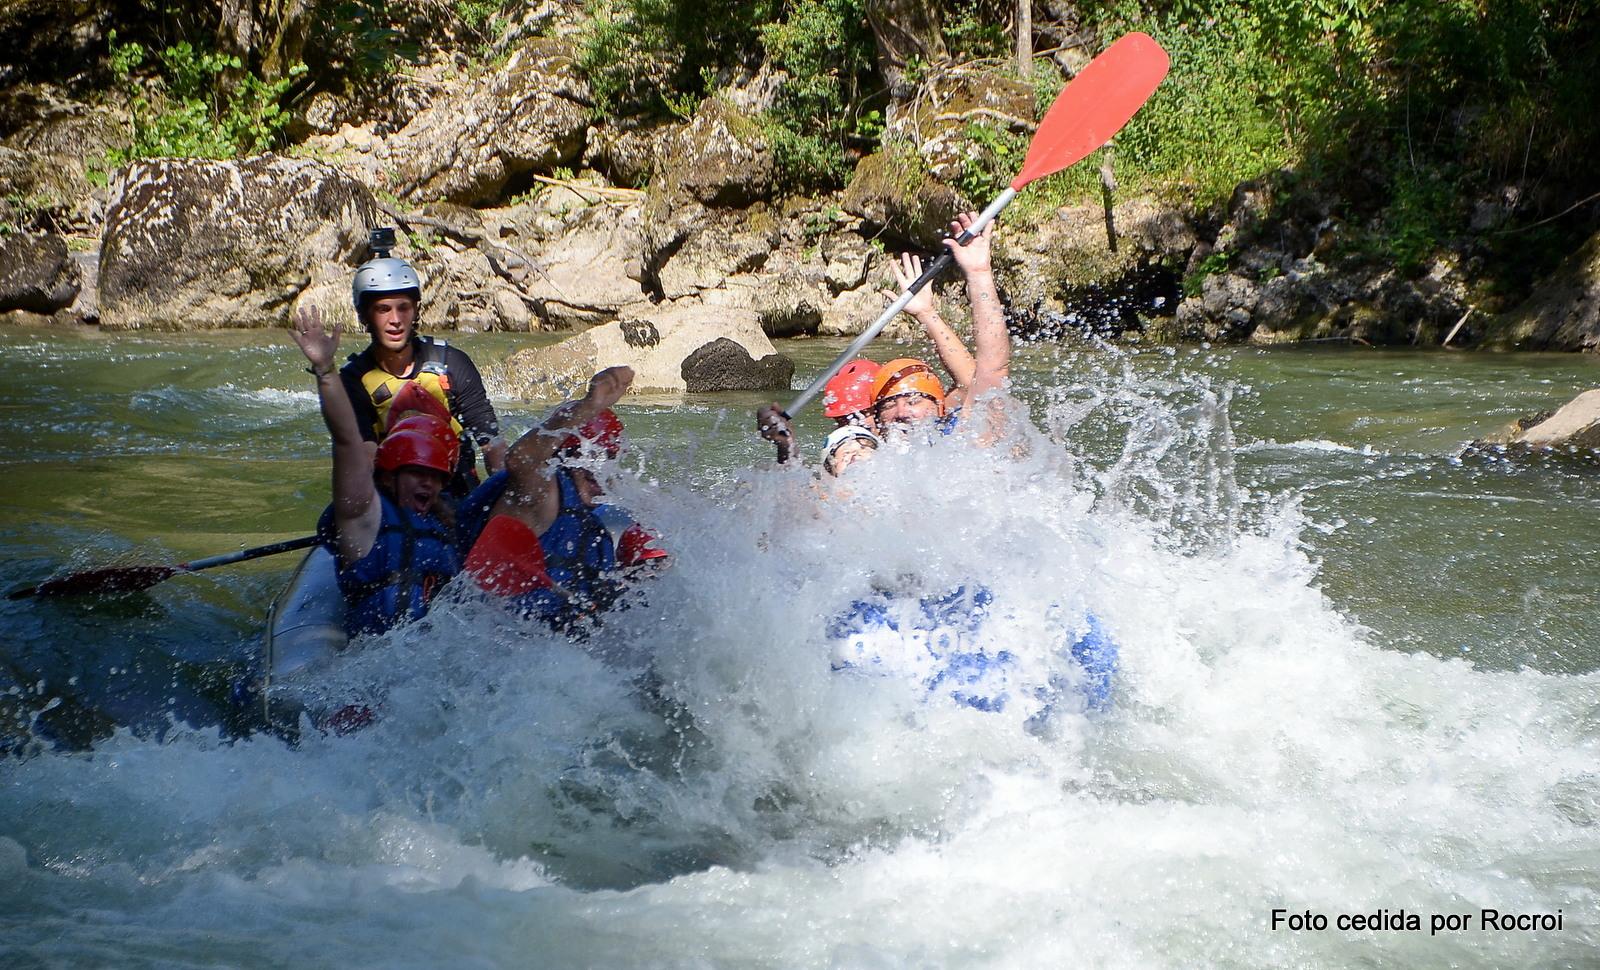 rafting Lllavorsí aaventura en familia, Lleida